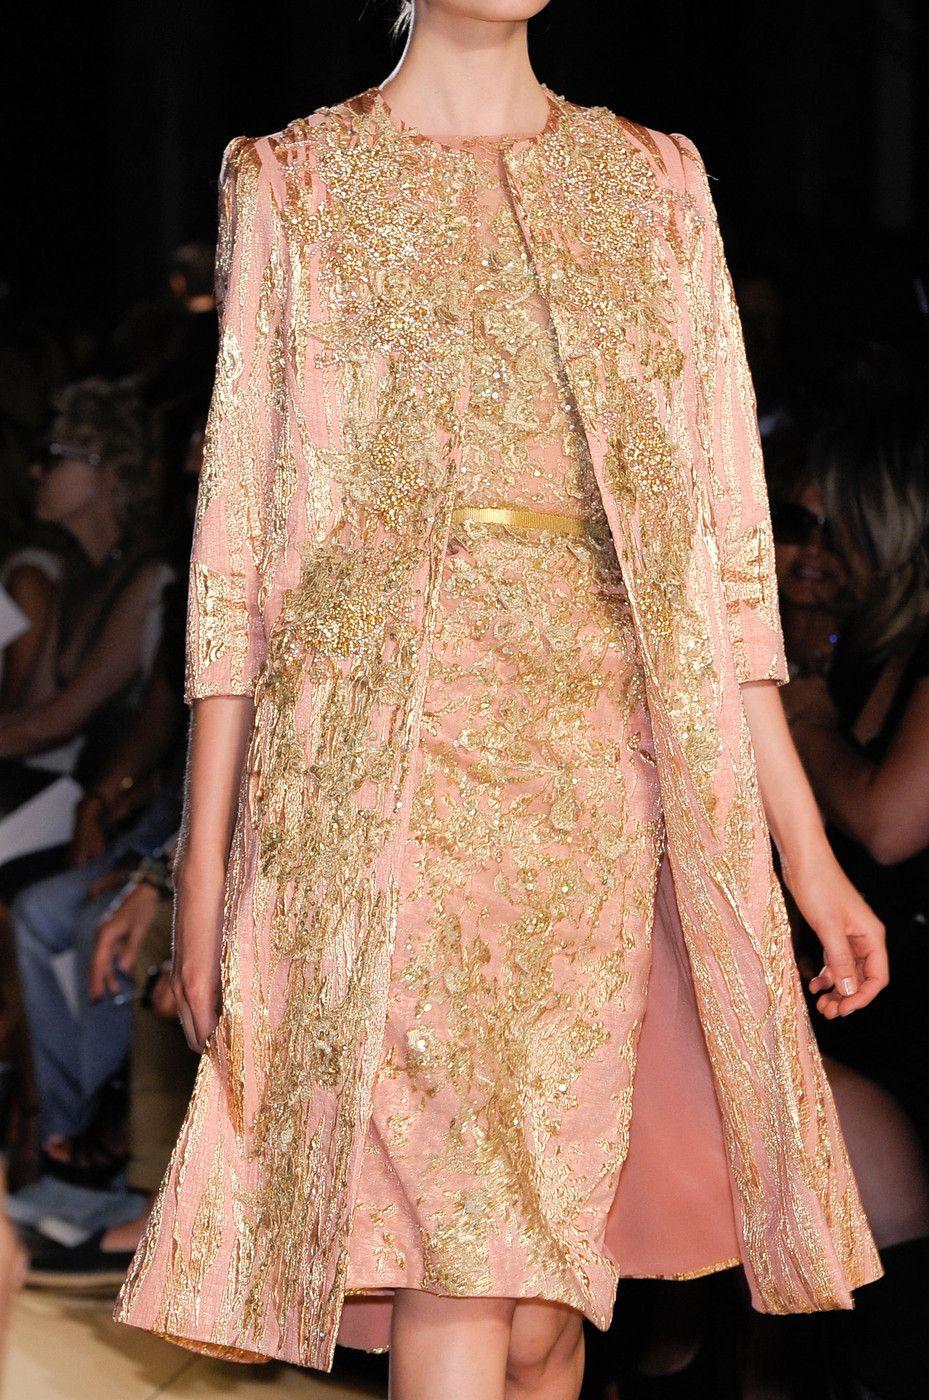 Girlannachronism elie saab fall couture details cute pic